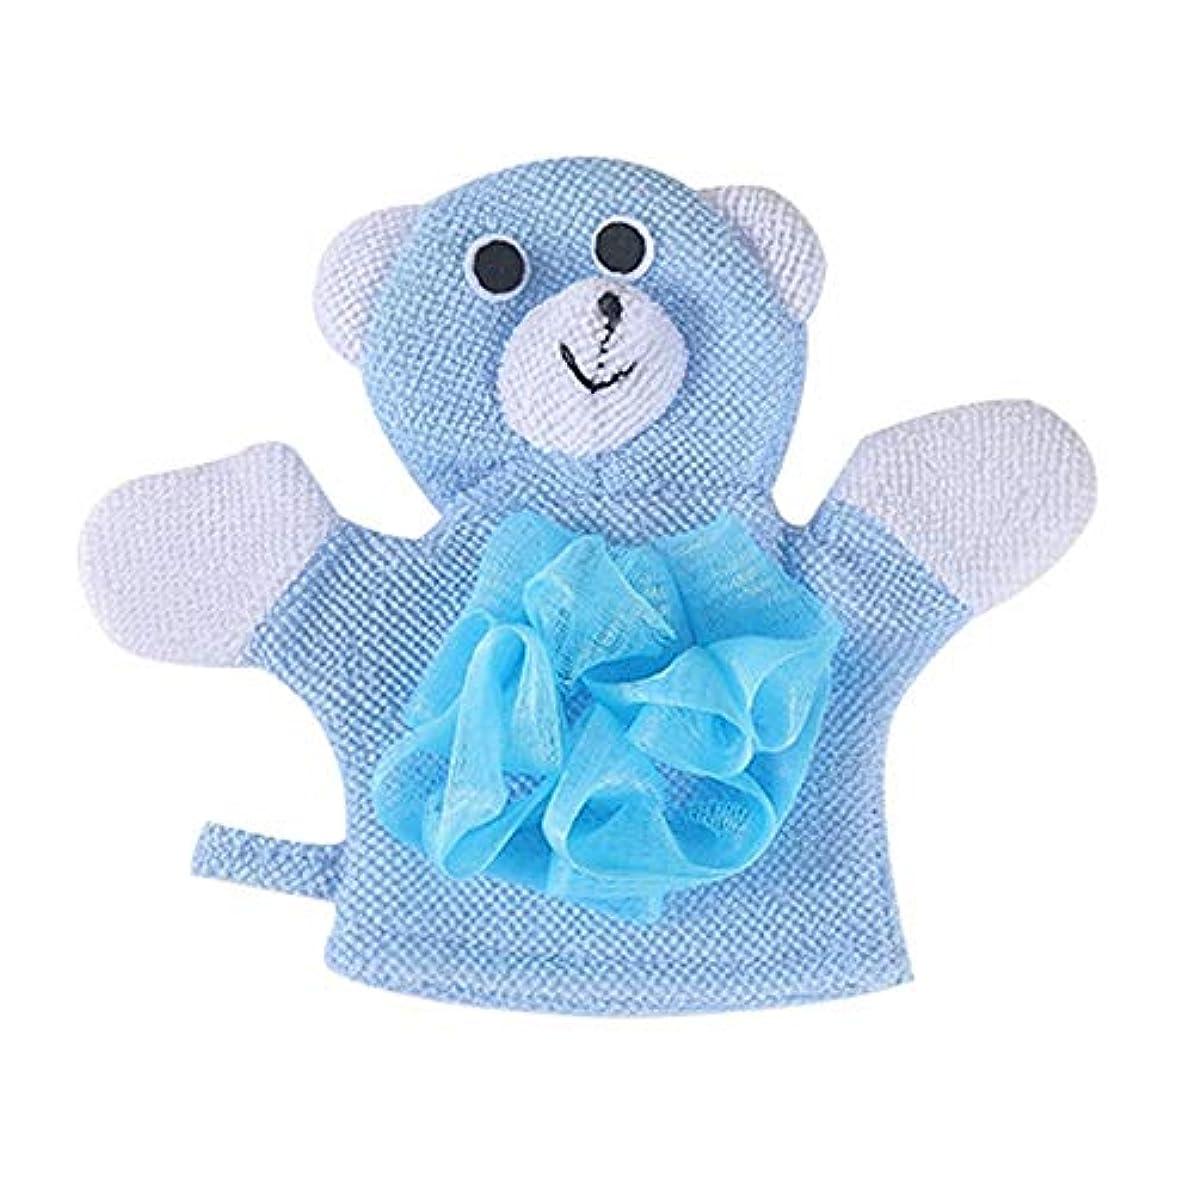 ファシズムナラーバーフクロウBTXXYJP お風呂用手袋 あかすり シャワー手袋 ボディブラシ やわらか バス用品 ボディタオル 角質除去 (Color : Blue)